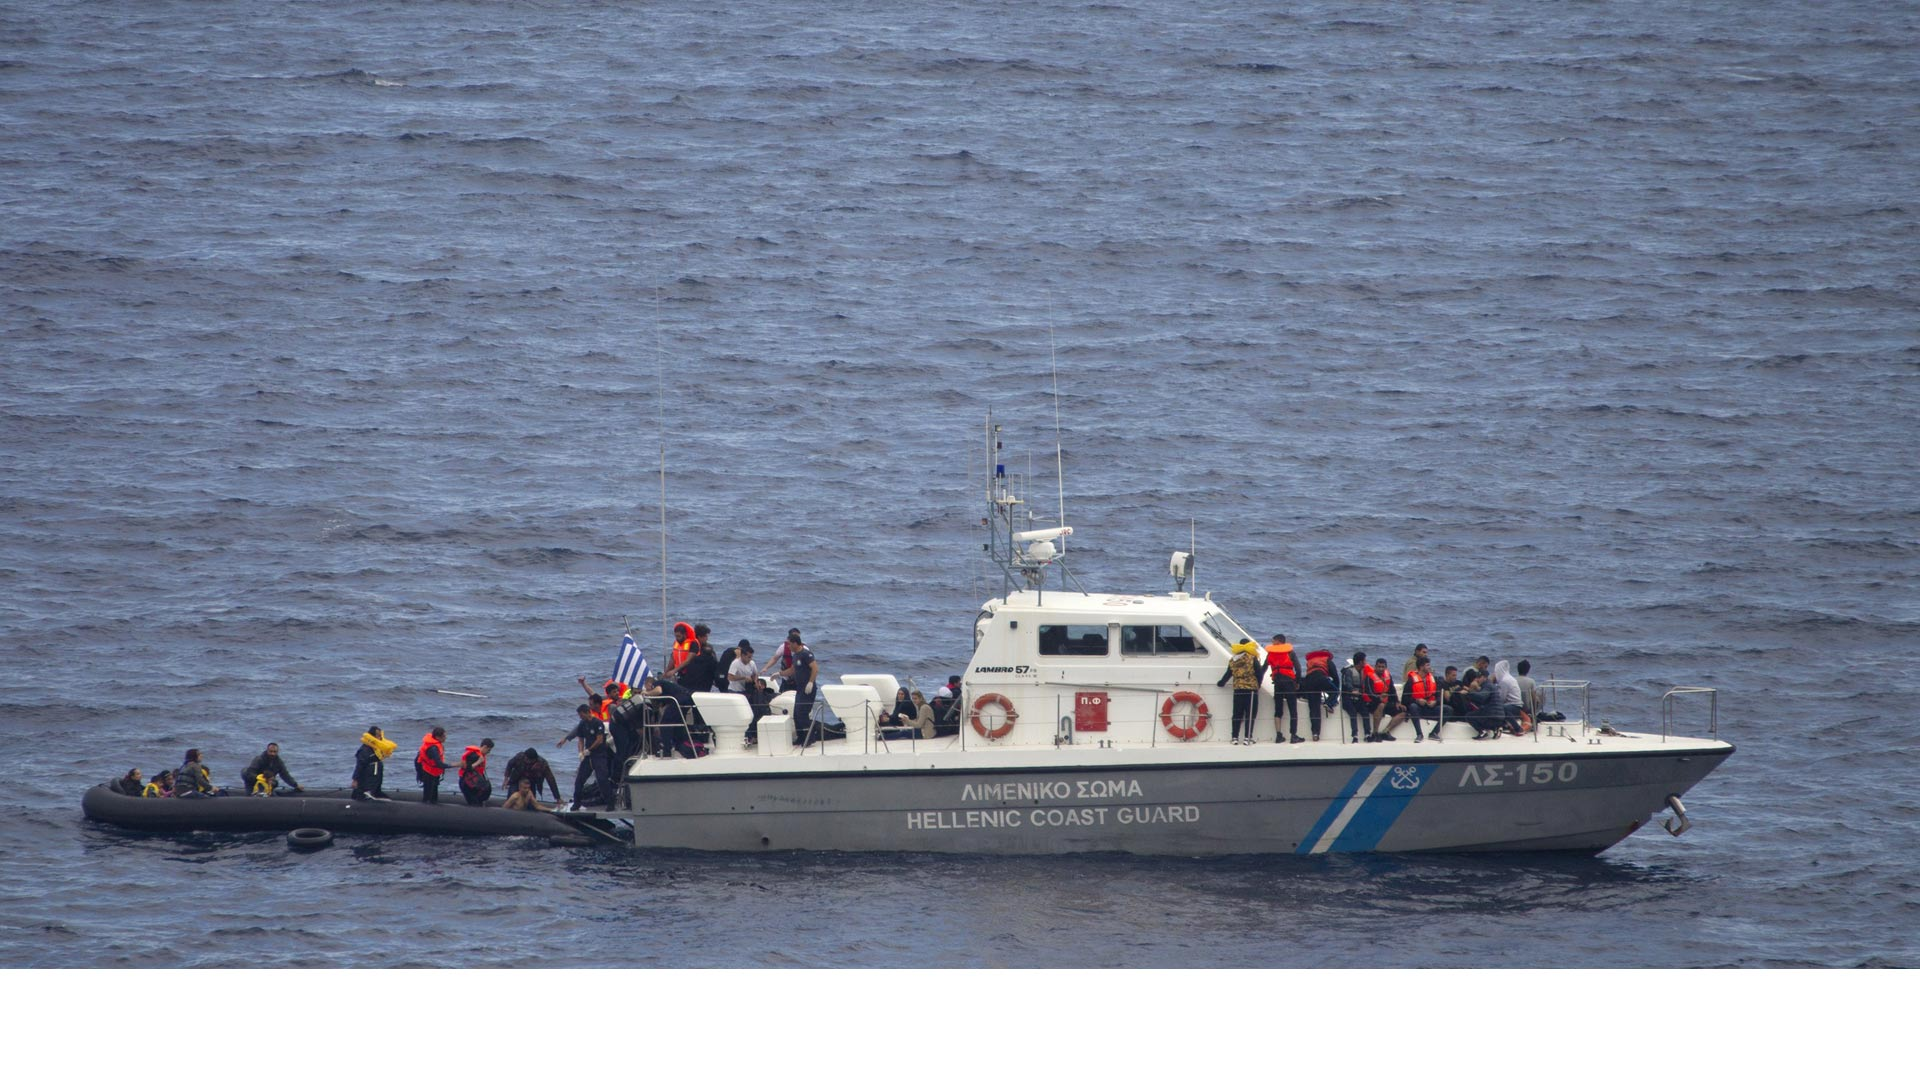 Desde ahora, militares podrán detener y registrar embarcaciones fuera de las aguas territoriales libias